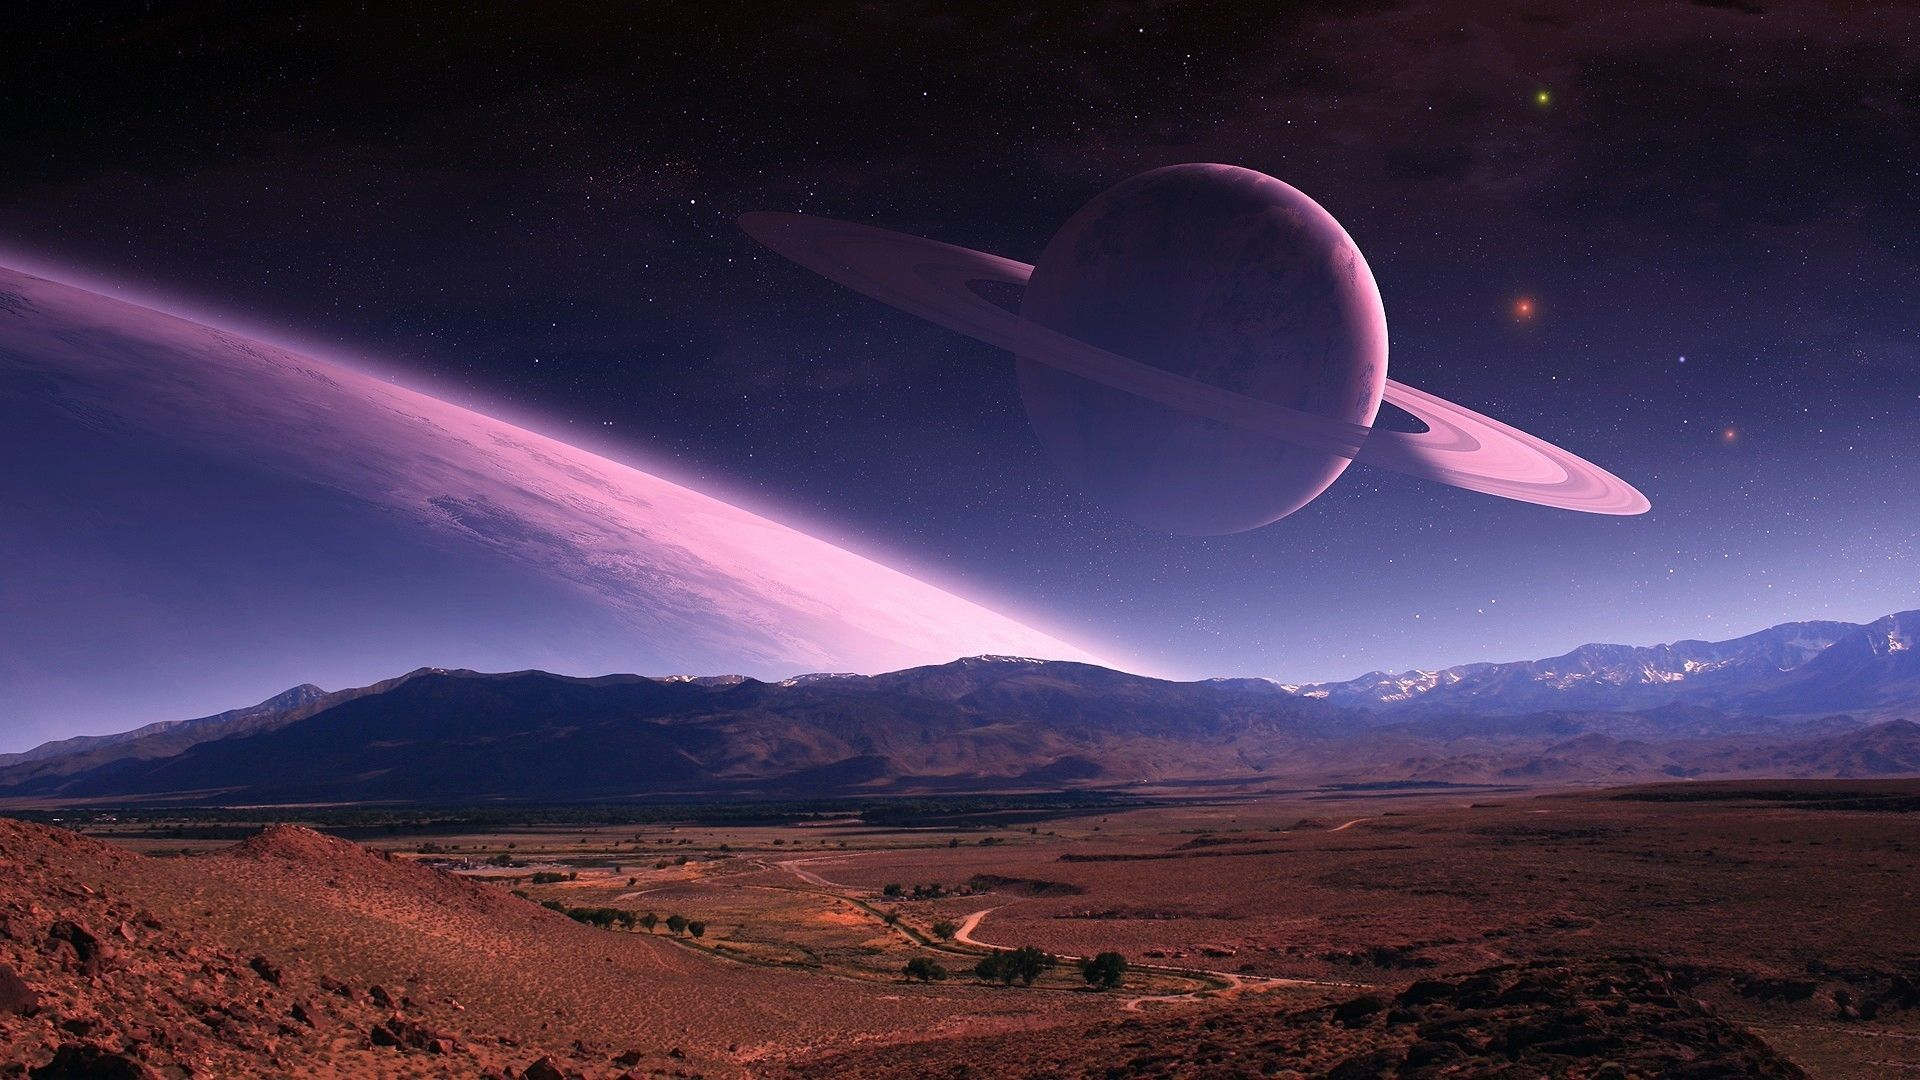 Une incroyable animation retrace la découverte de 4000 exoplanètes au-delà de notre système solaire [Vidéo]